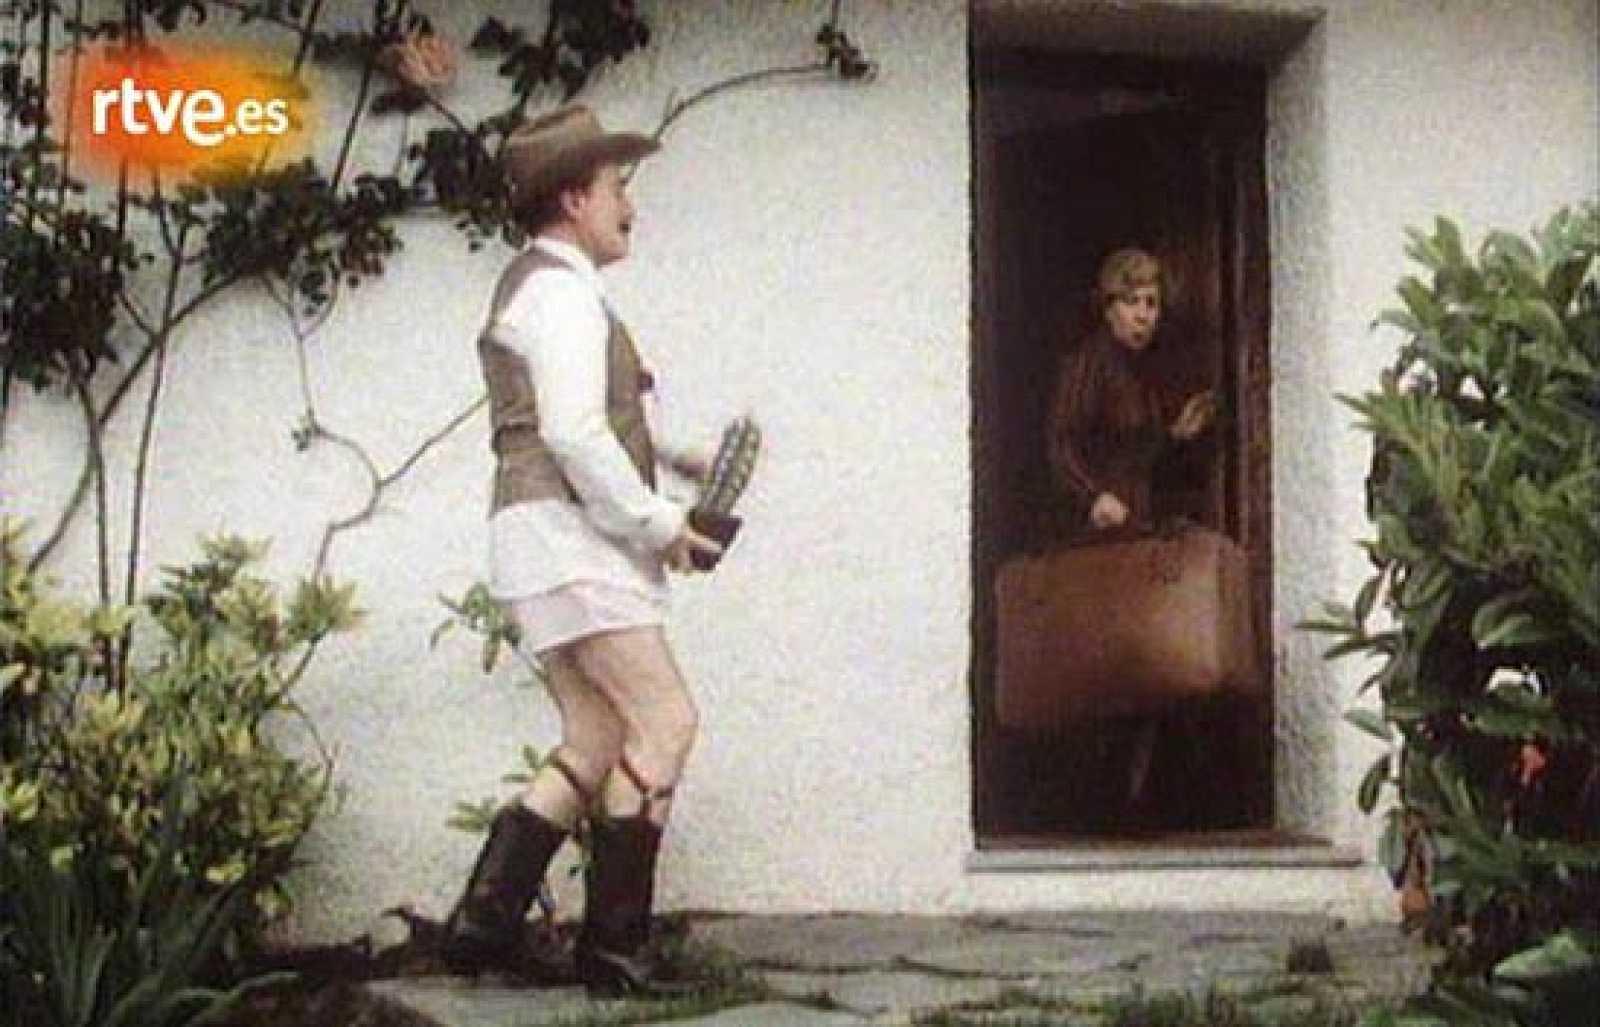 En 'Playboy en paro' (1984), José Luis López Vázquez interpreta a Pedro, un criado que aprovecha la ausencia de su jefe para hacerse pasar por un millonario.